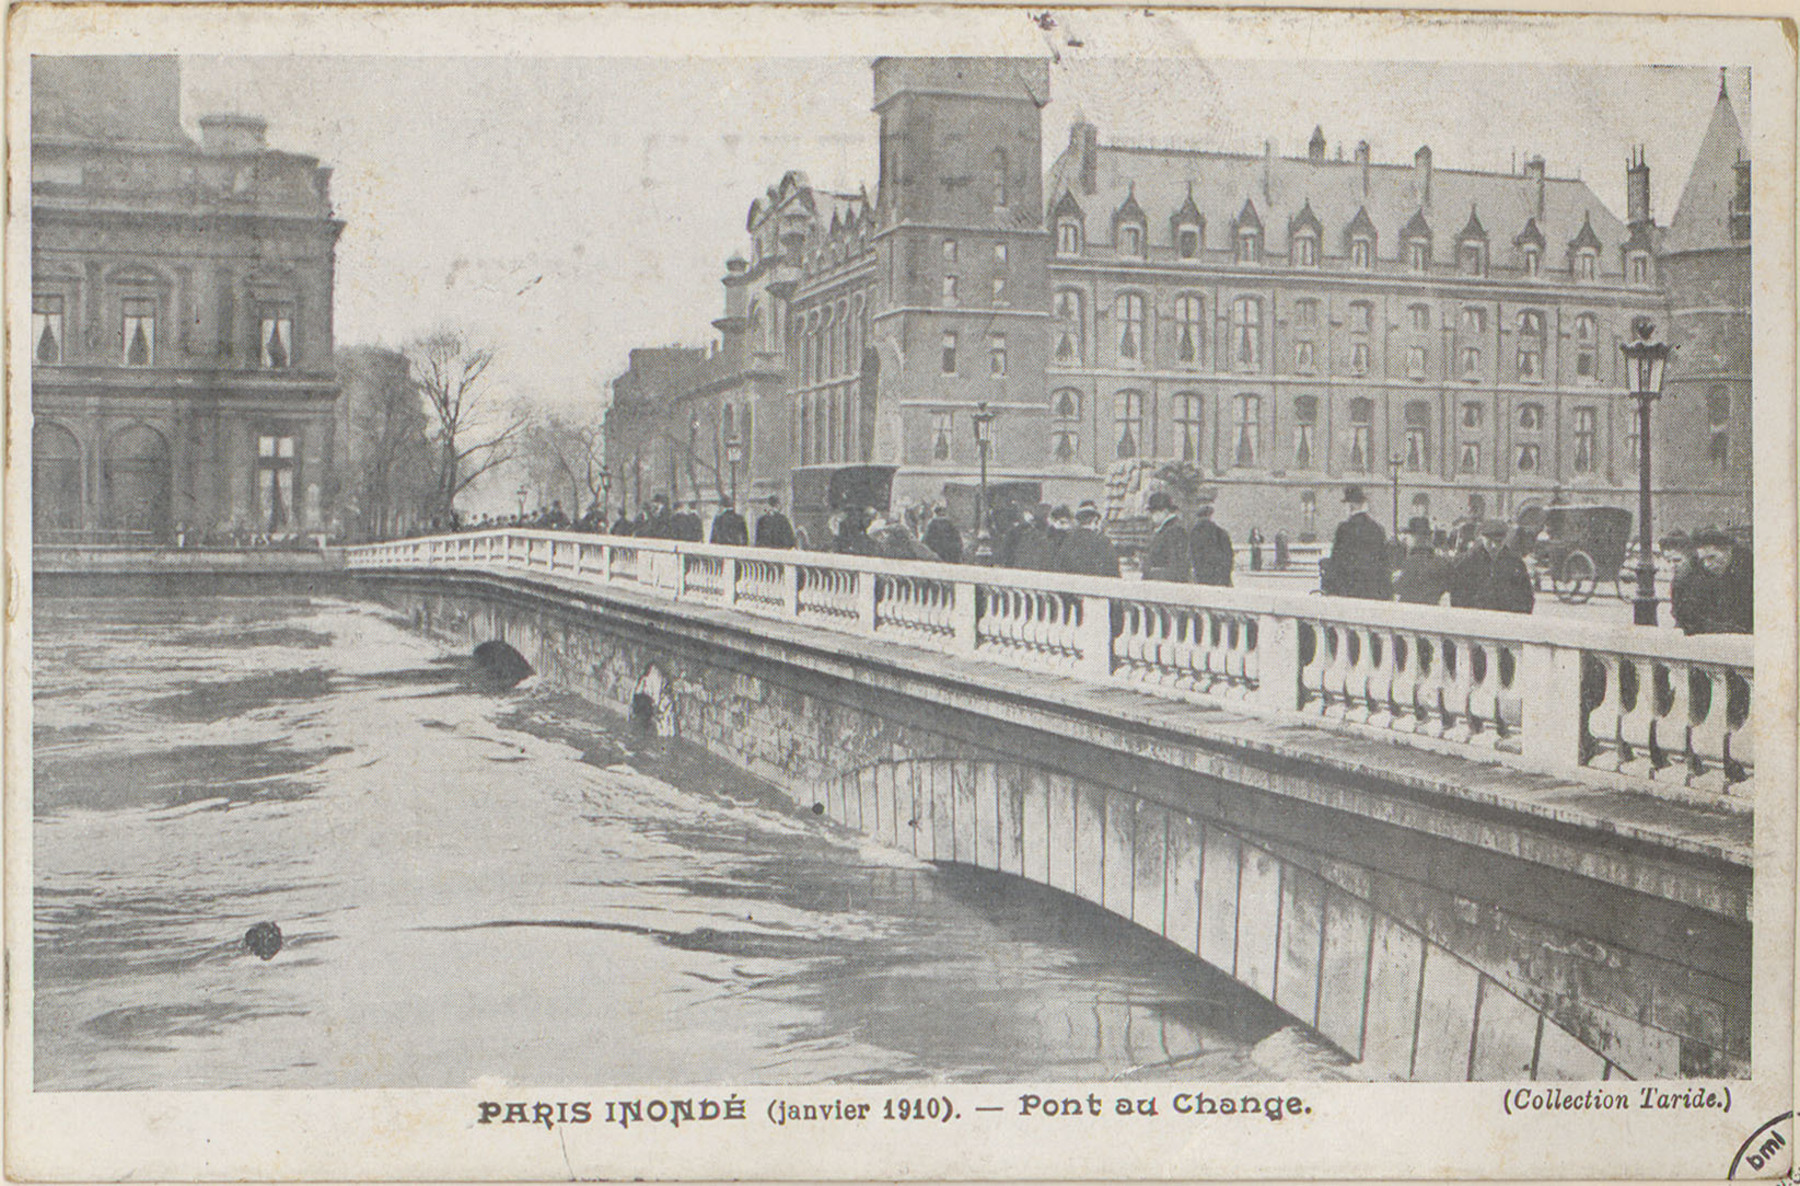 Contenu du Paris inondé (janvier 1910), Pont du Change